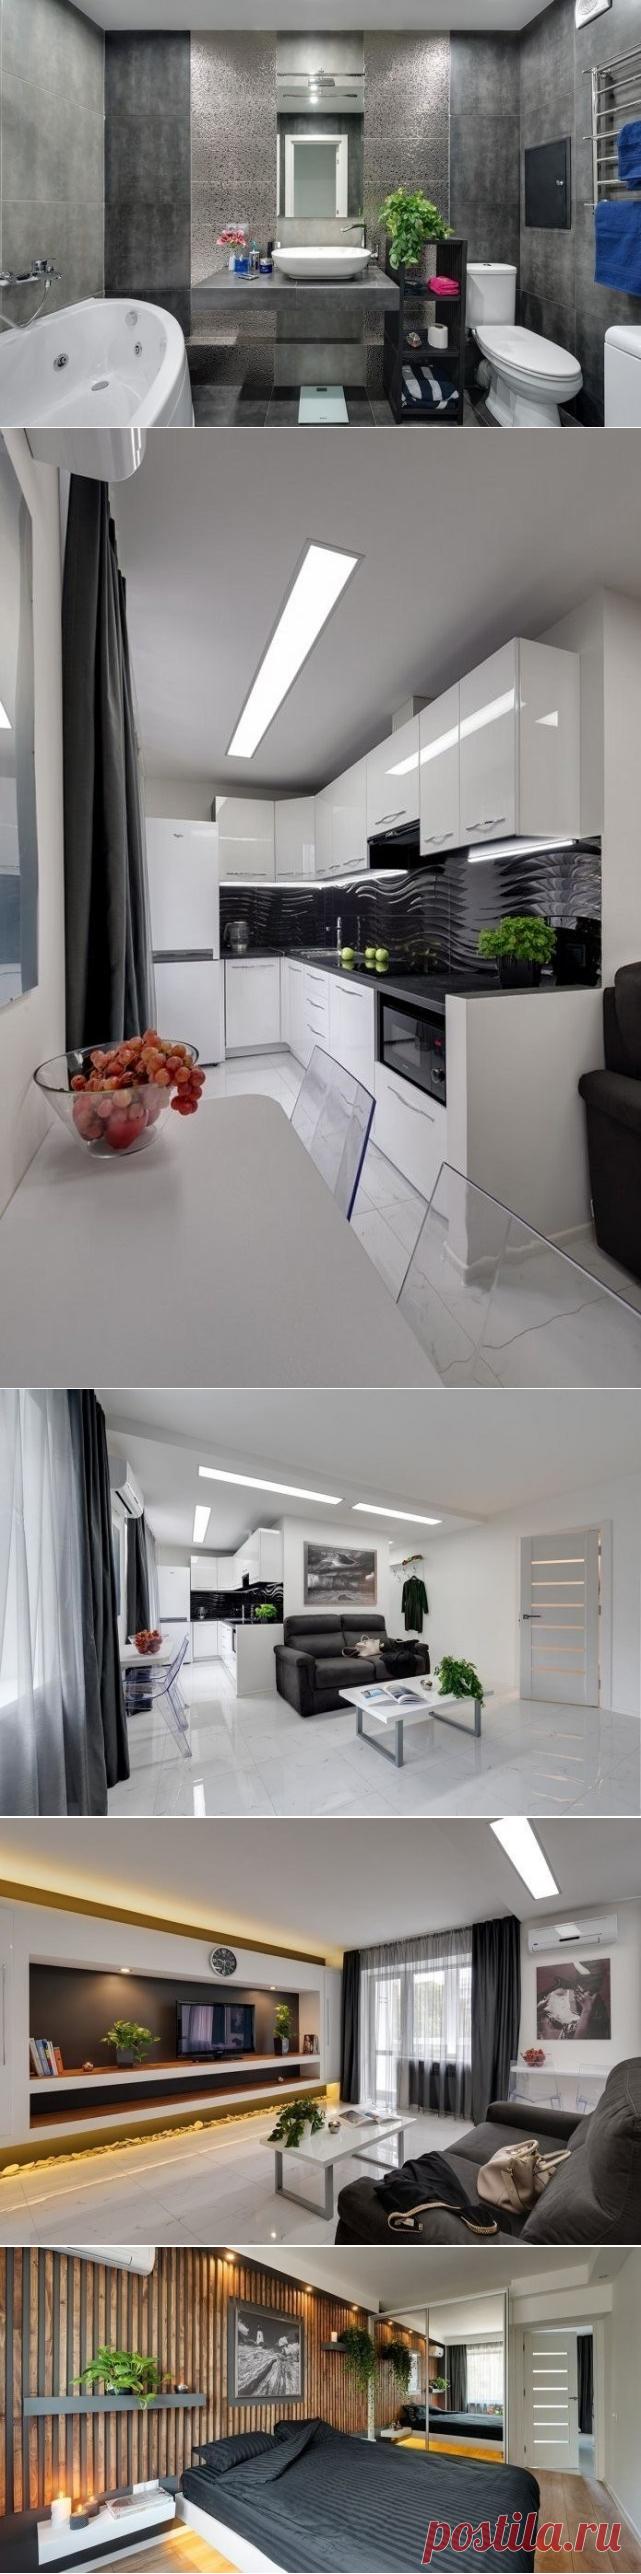 Современный дизайн двухкомнатной квартиры 45 кв.м.. - Дизайн интерьеров | Идеи вашего дома | Lodgers